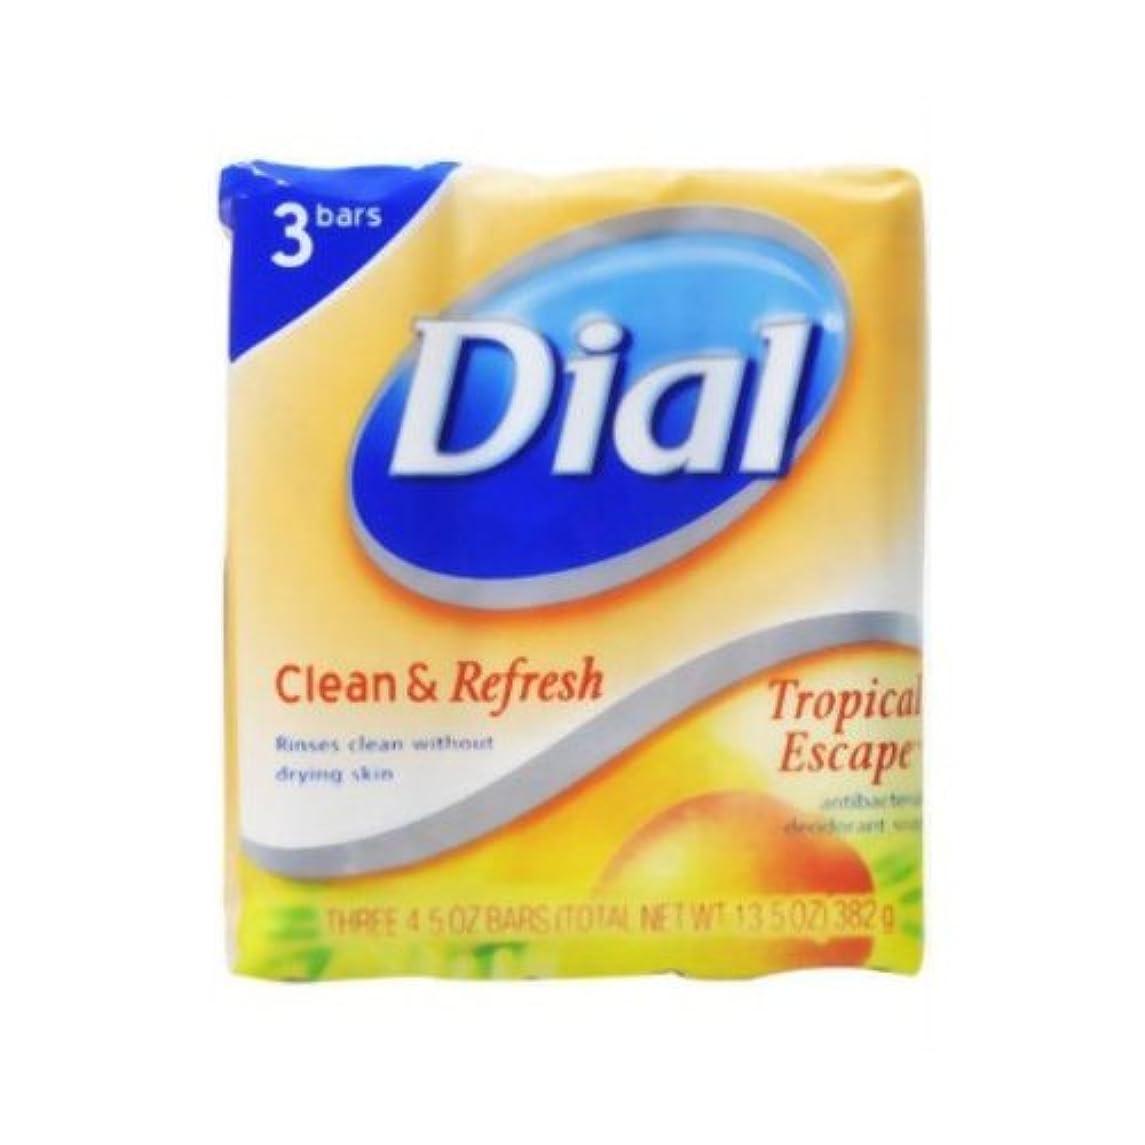 大量種類四【DIAL】ダイアル デオドラント石鹸 トロピカルエスケープ 3個パック